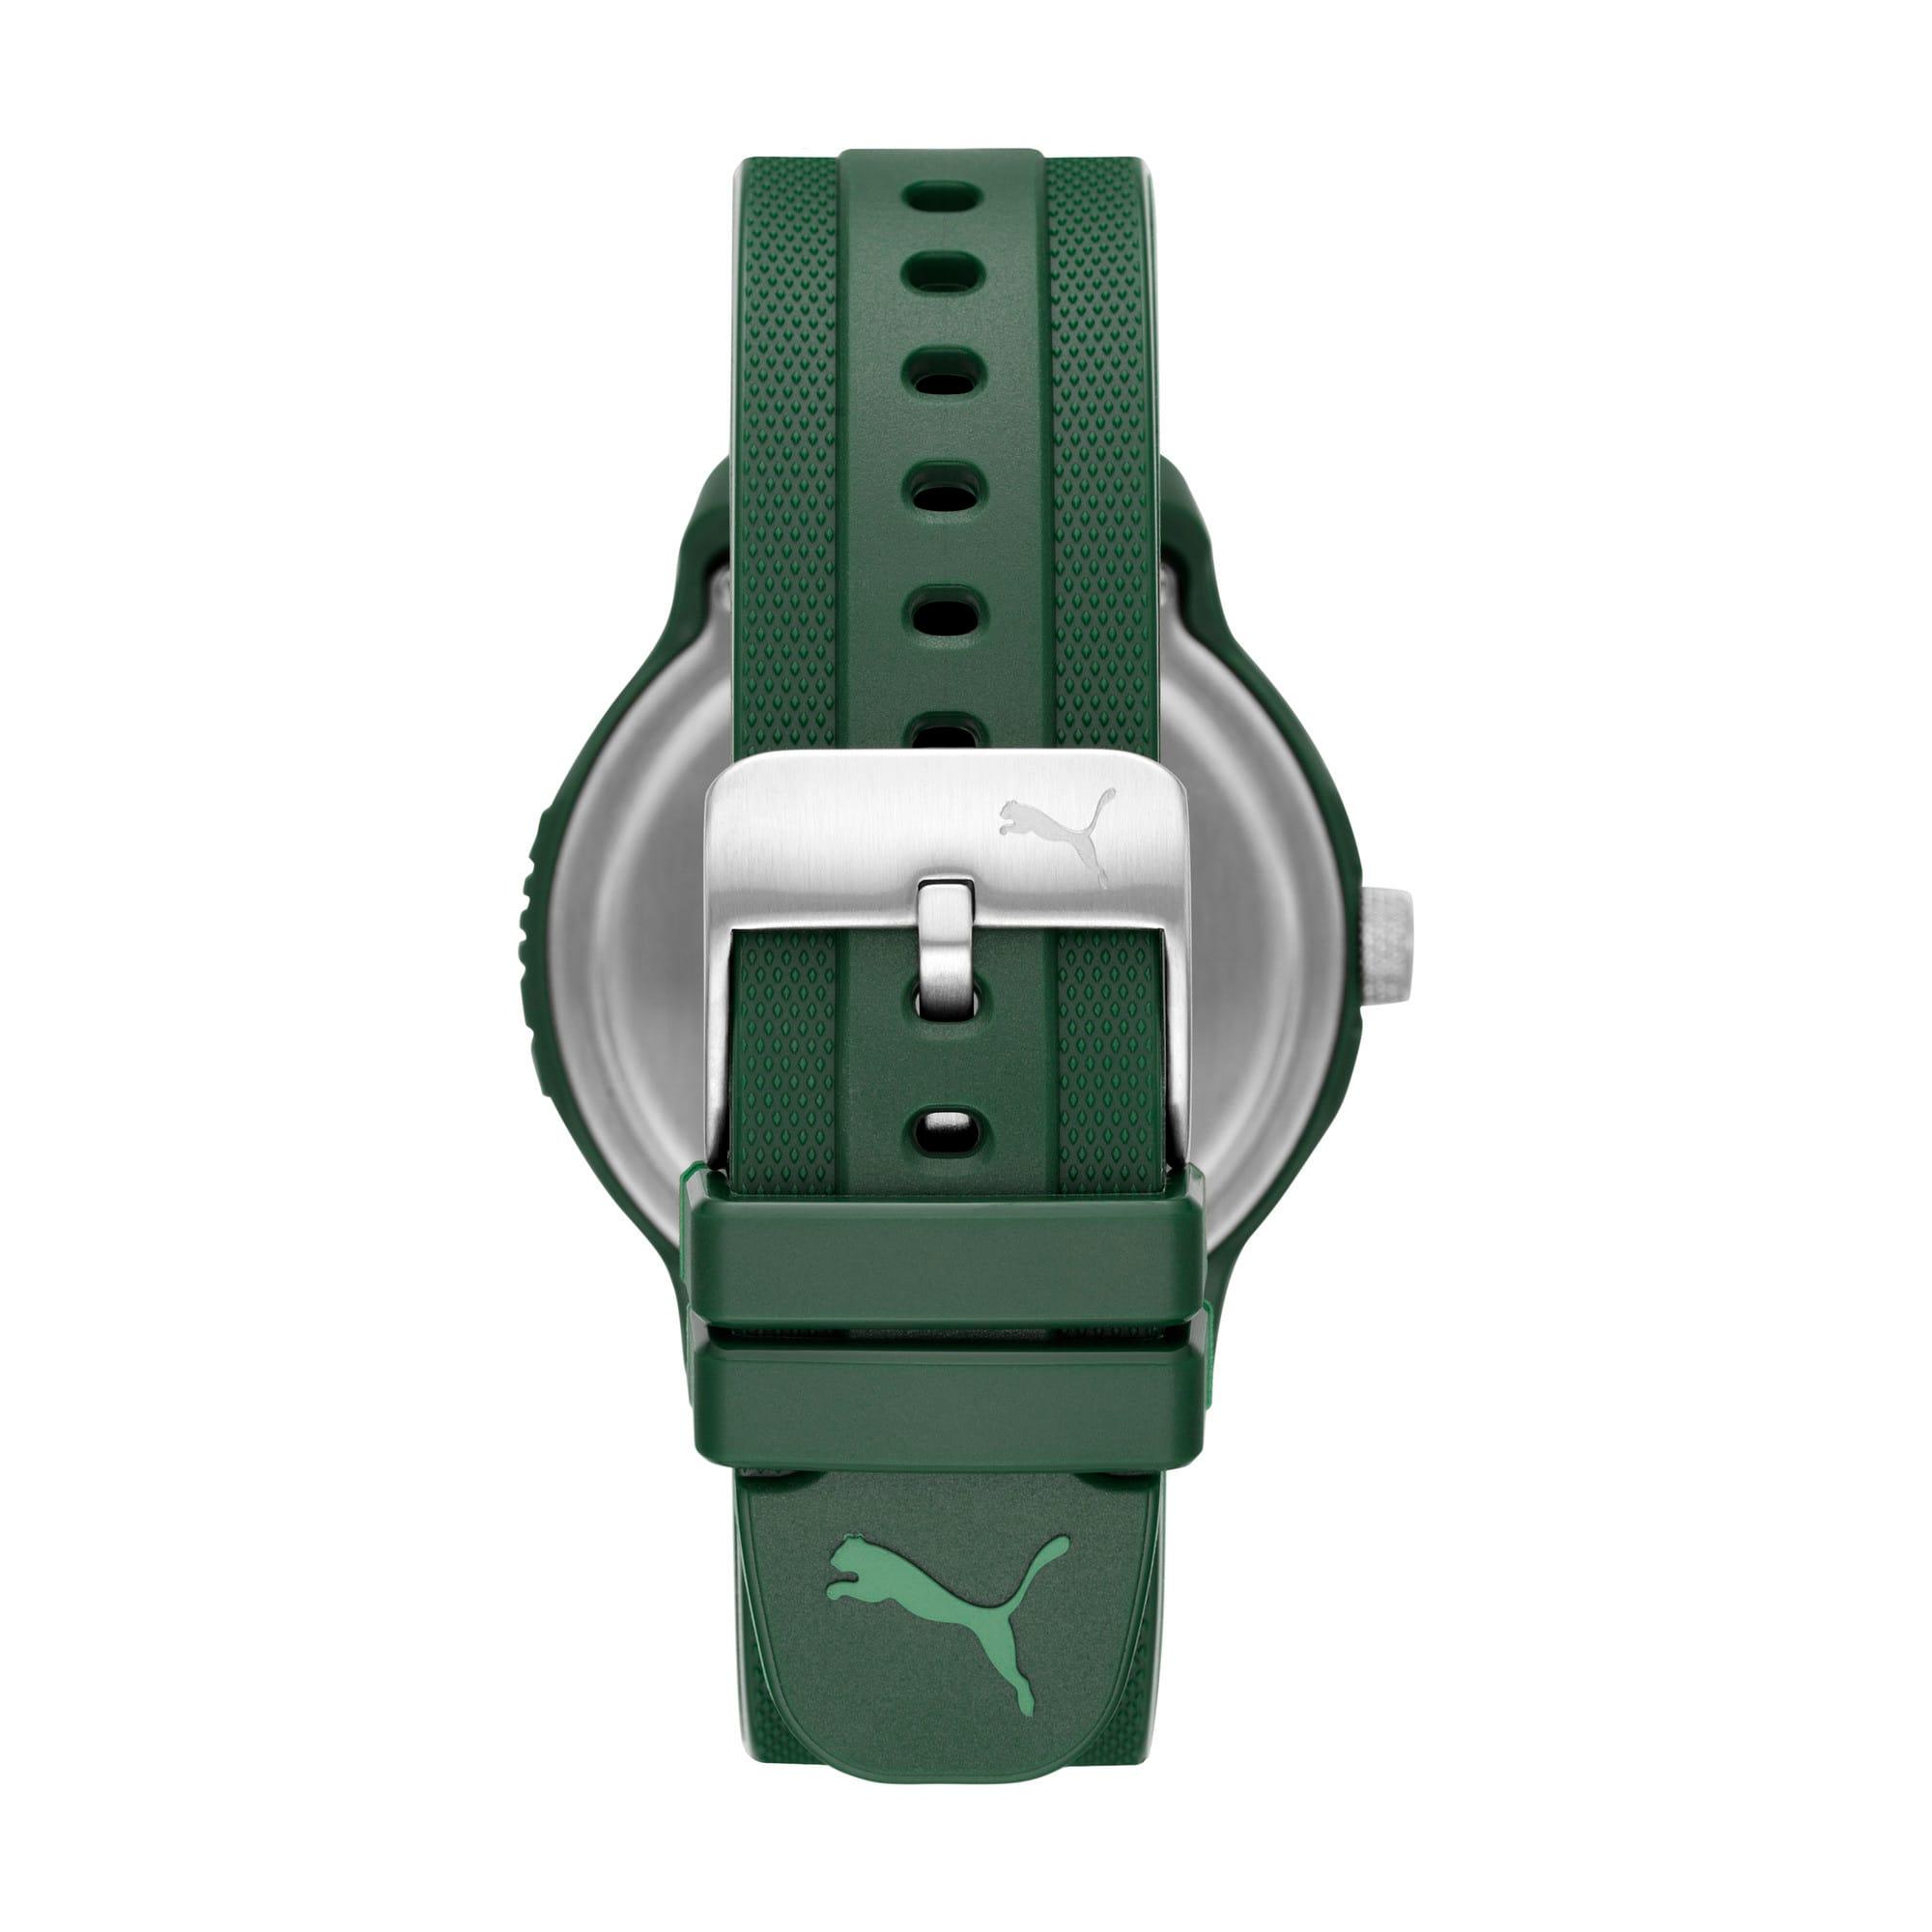 Thumbnail 2 of Reset Polyurethane V2 Herren Uhr, Green/Green, medium